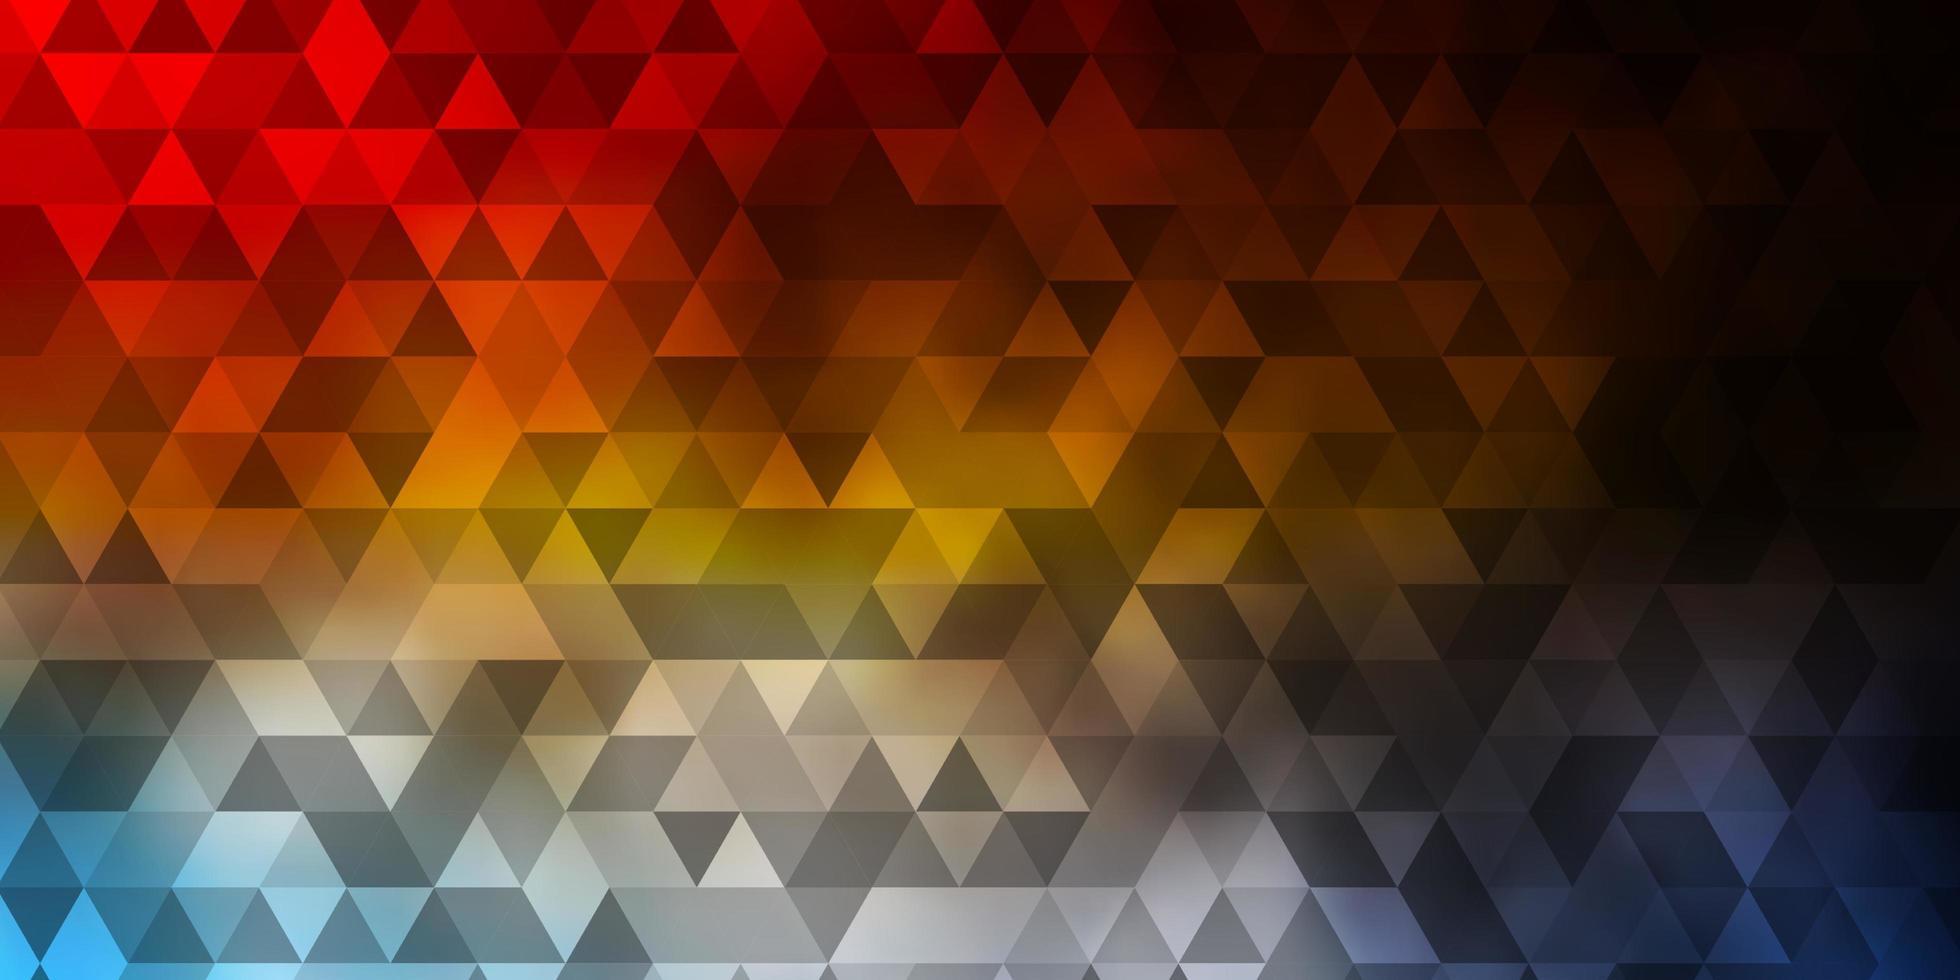 fundo azul e amarelo claro com estilo poligonal. vetor